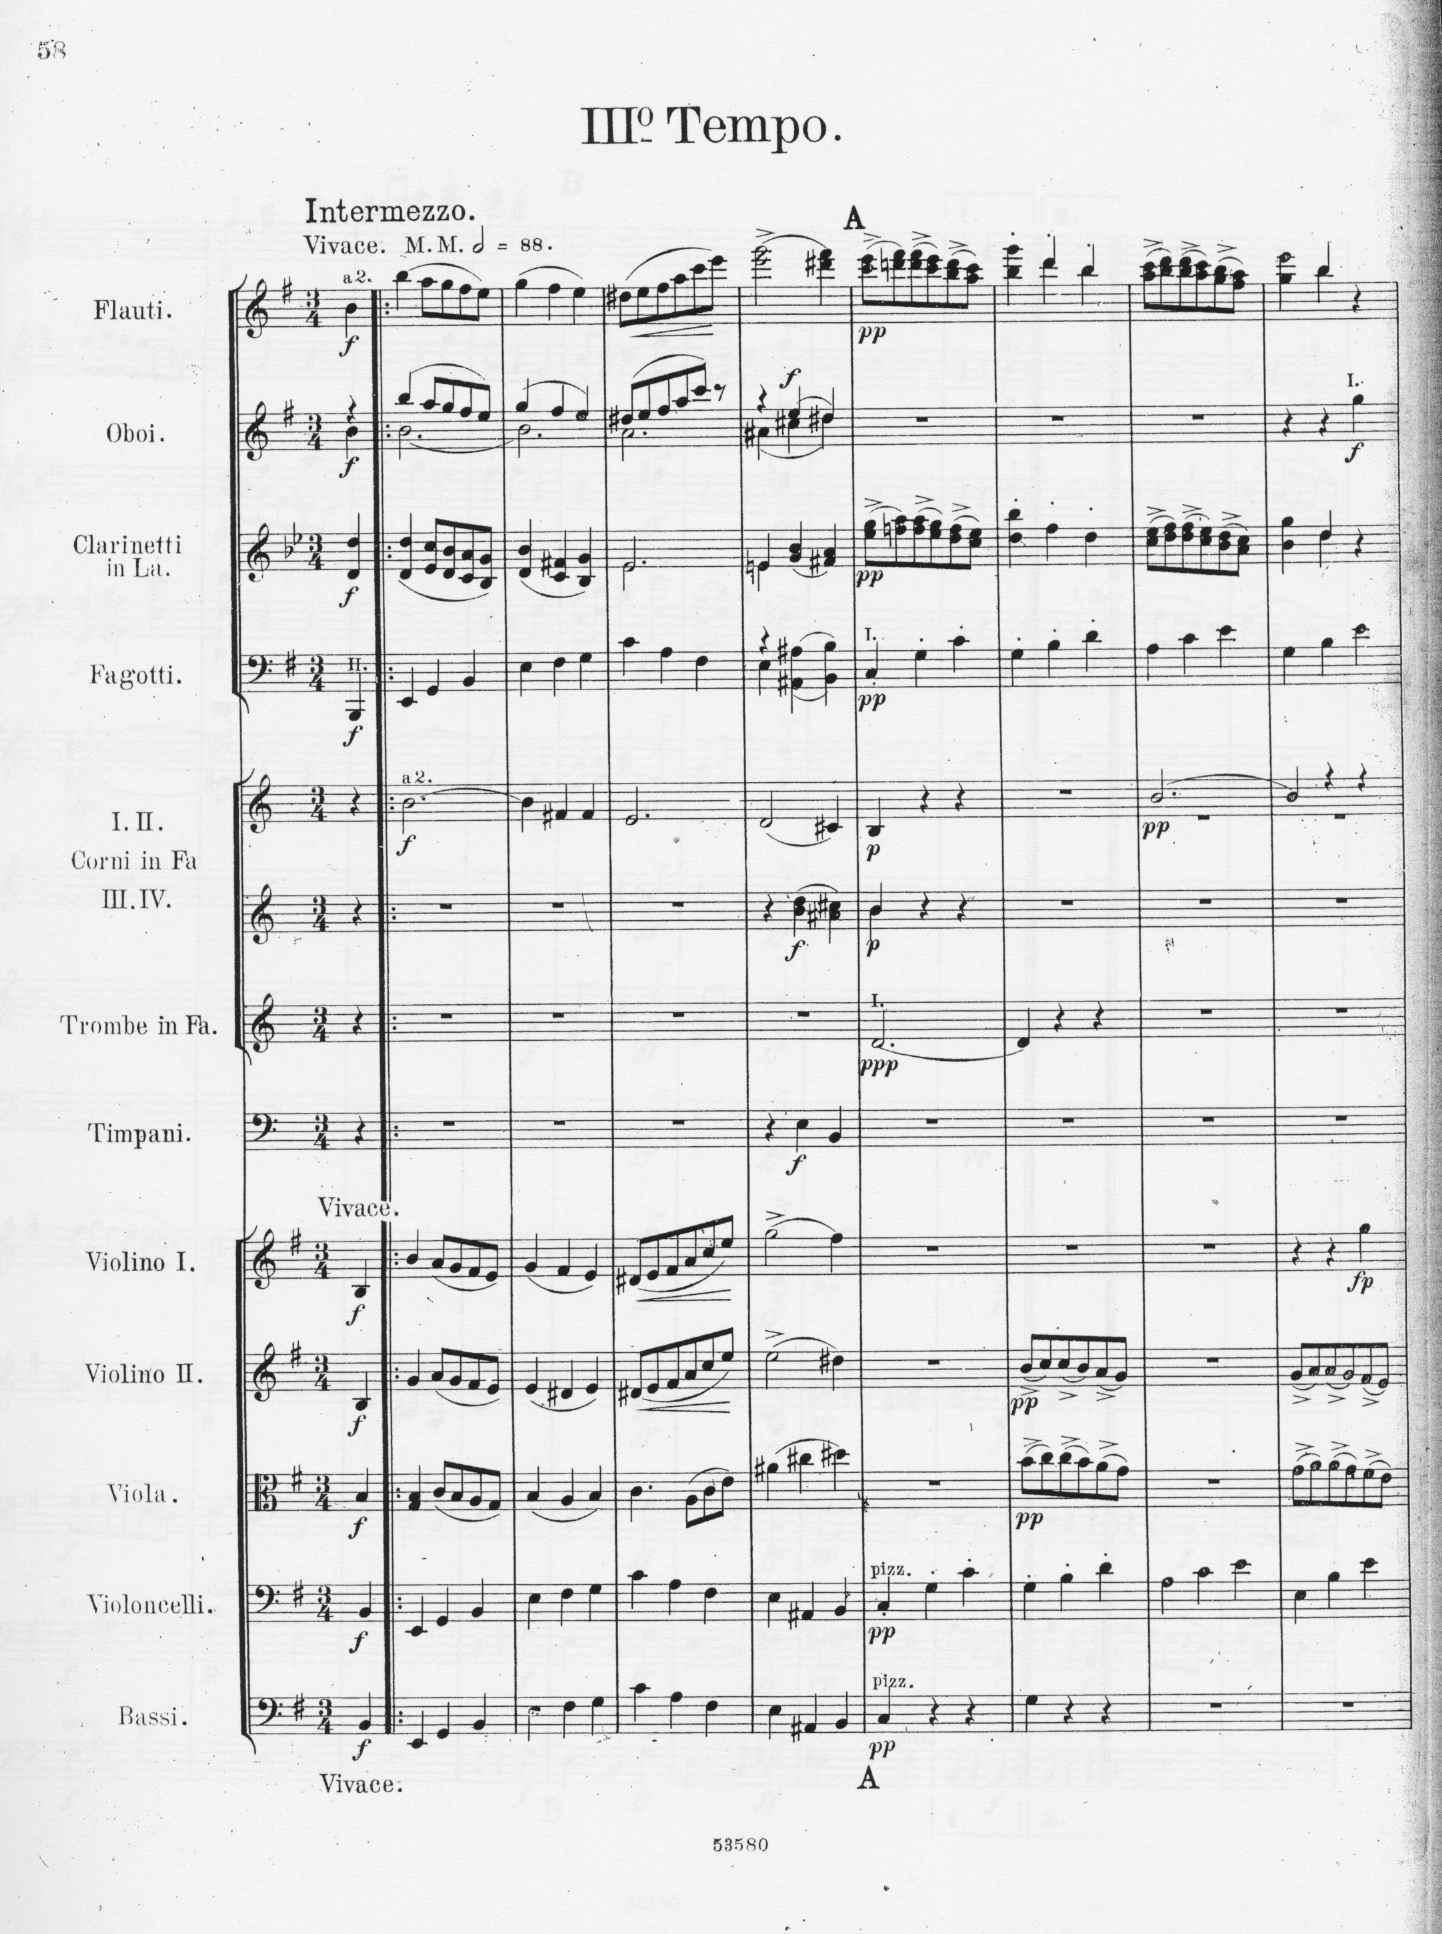 Alberto Franchetti, Sinfonia - III tempo